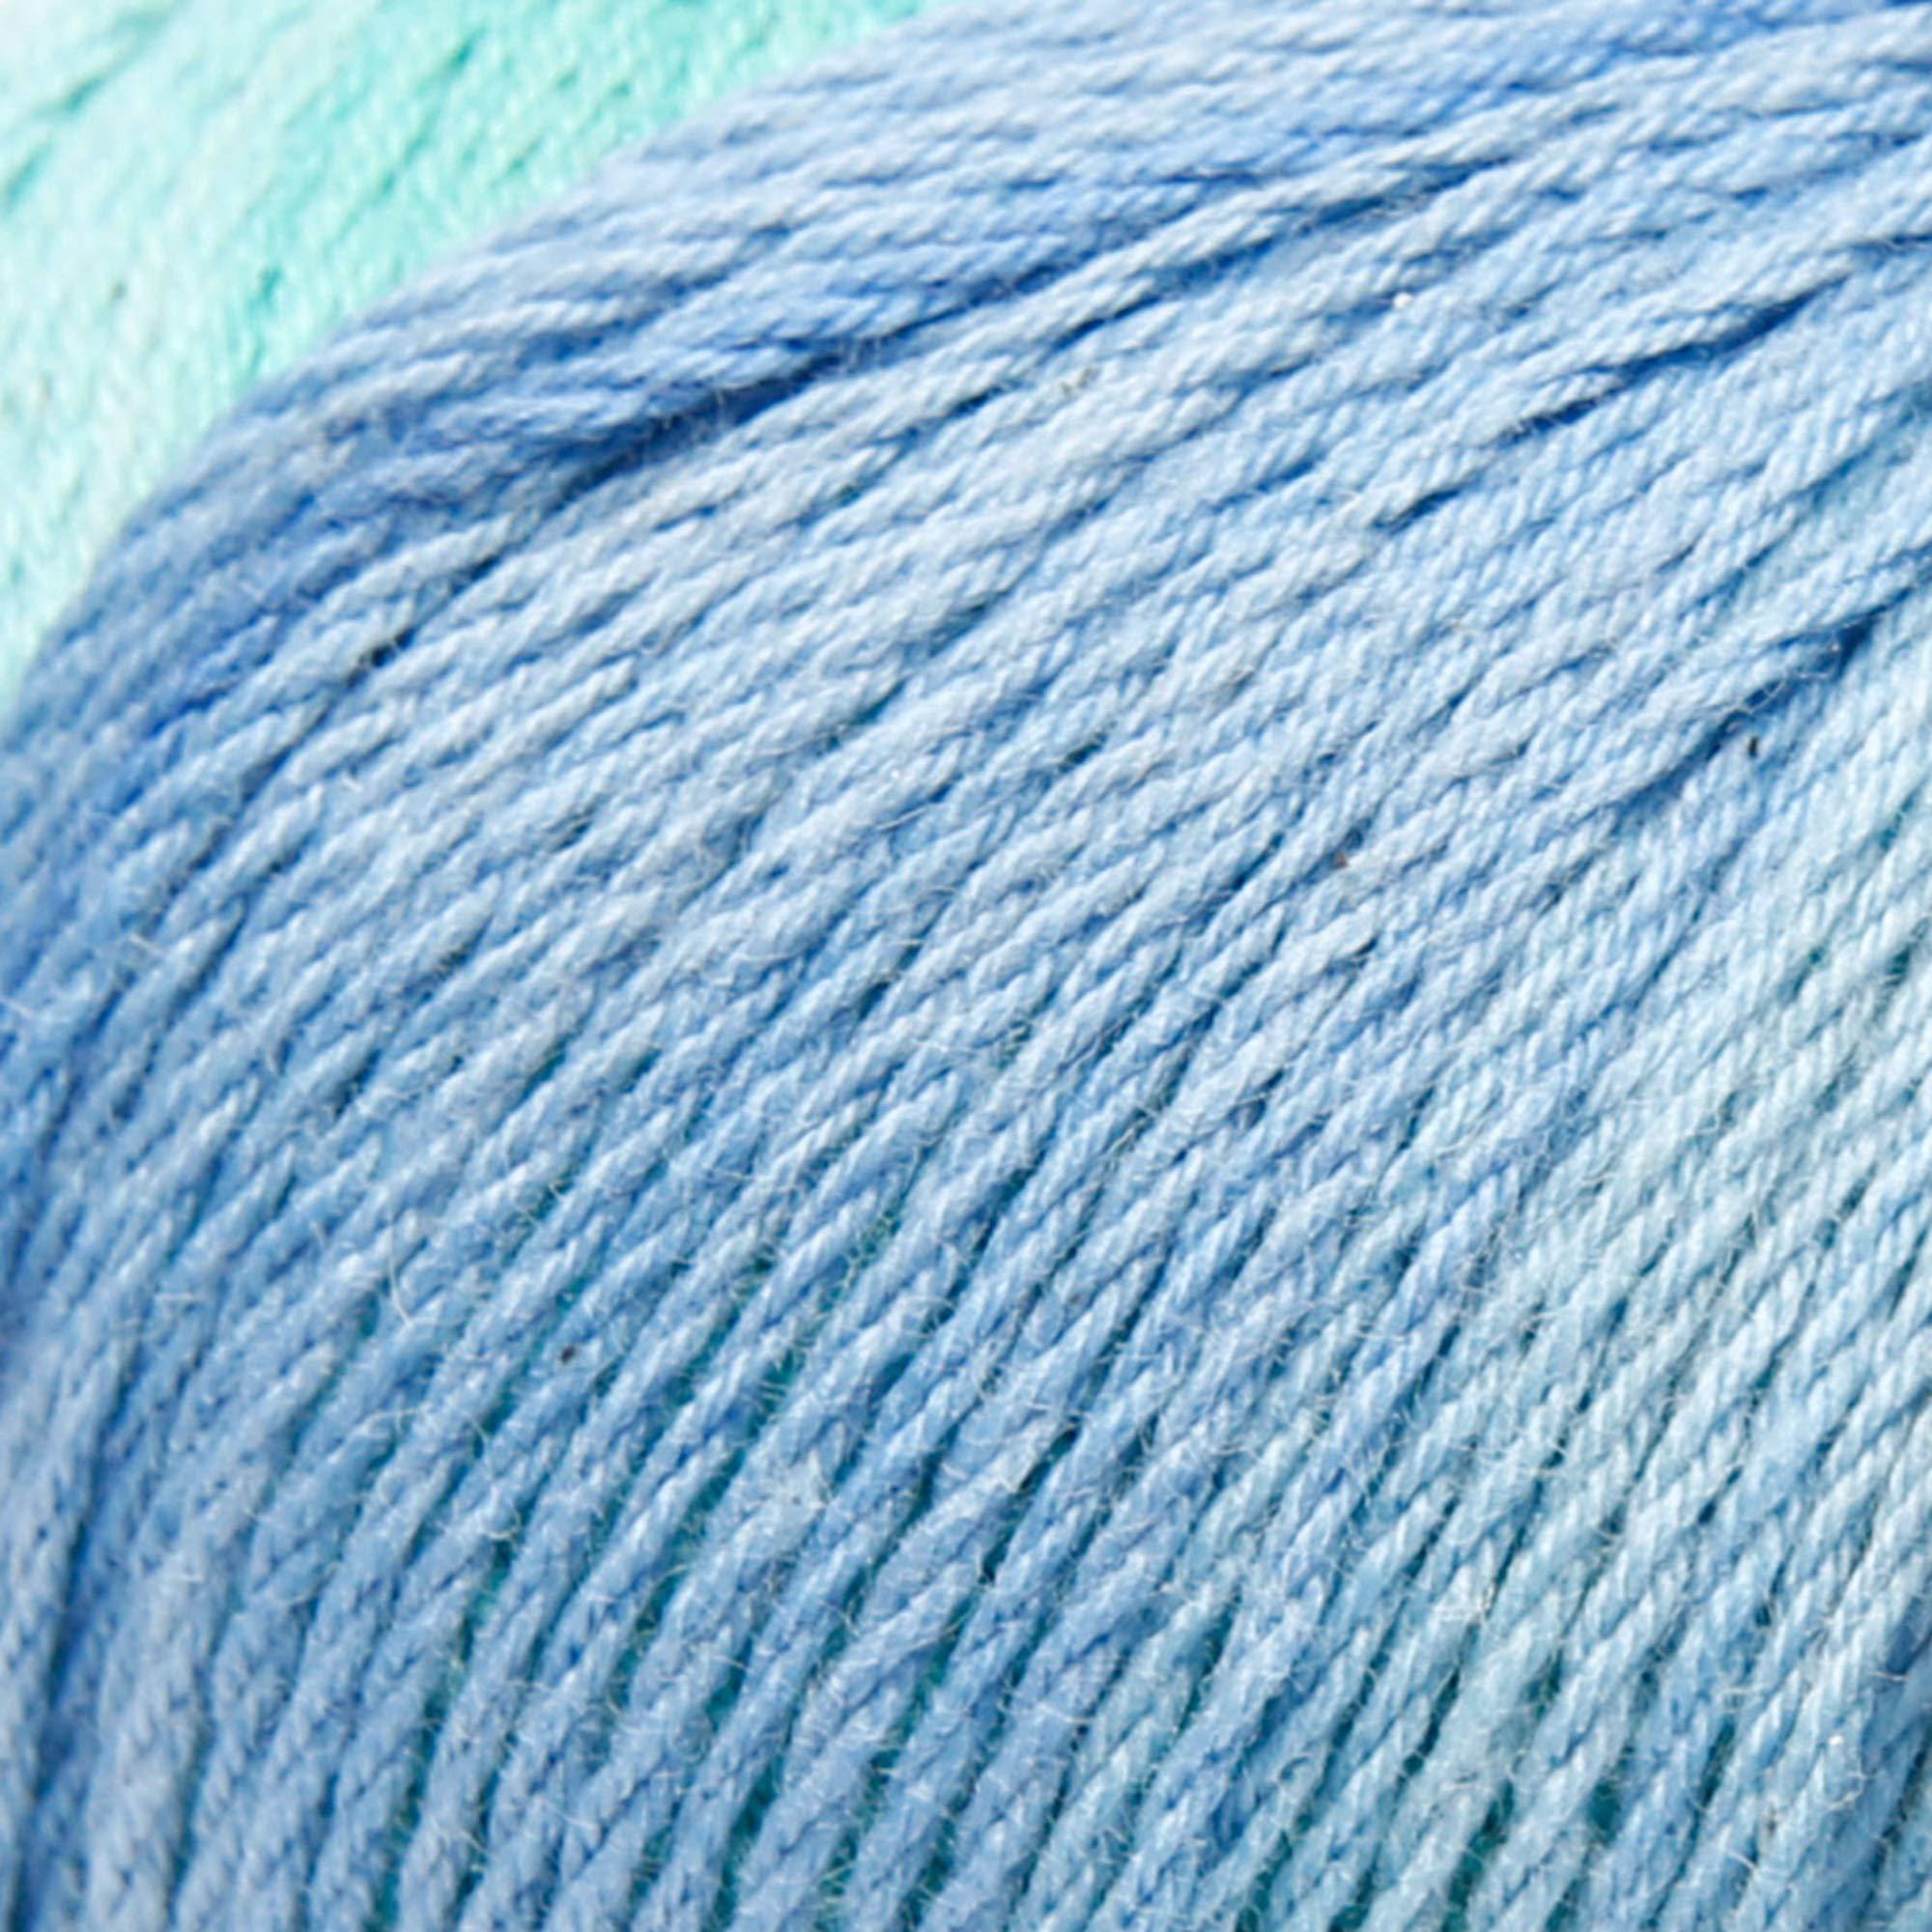 ggh Calypso - 012 - Azul turquesa - Algodón con gradiente de color para tejer y hacer ganchillo: Amazon.es: Hogar